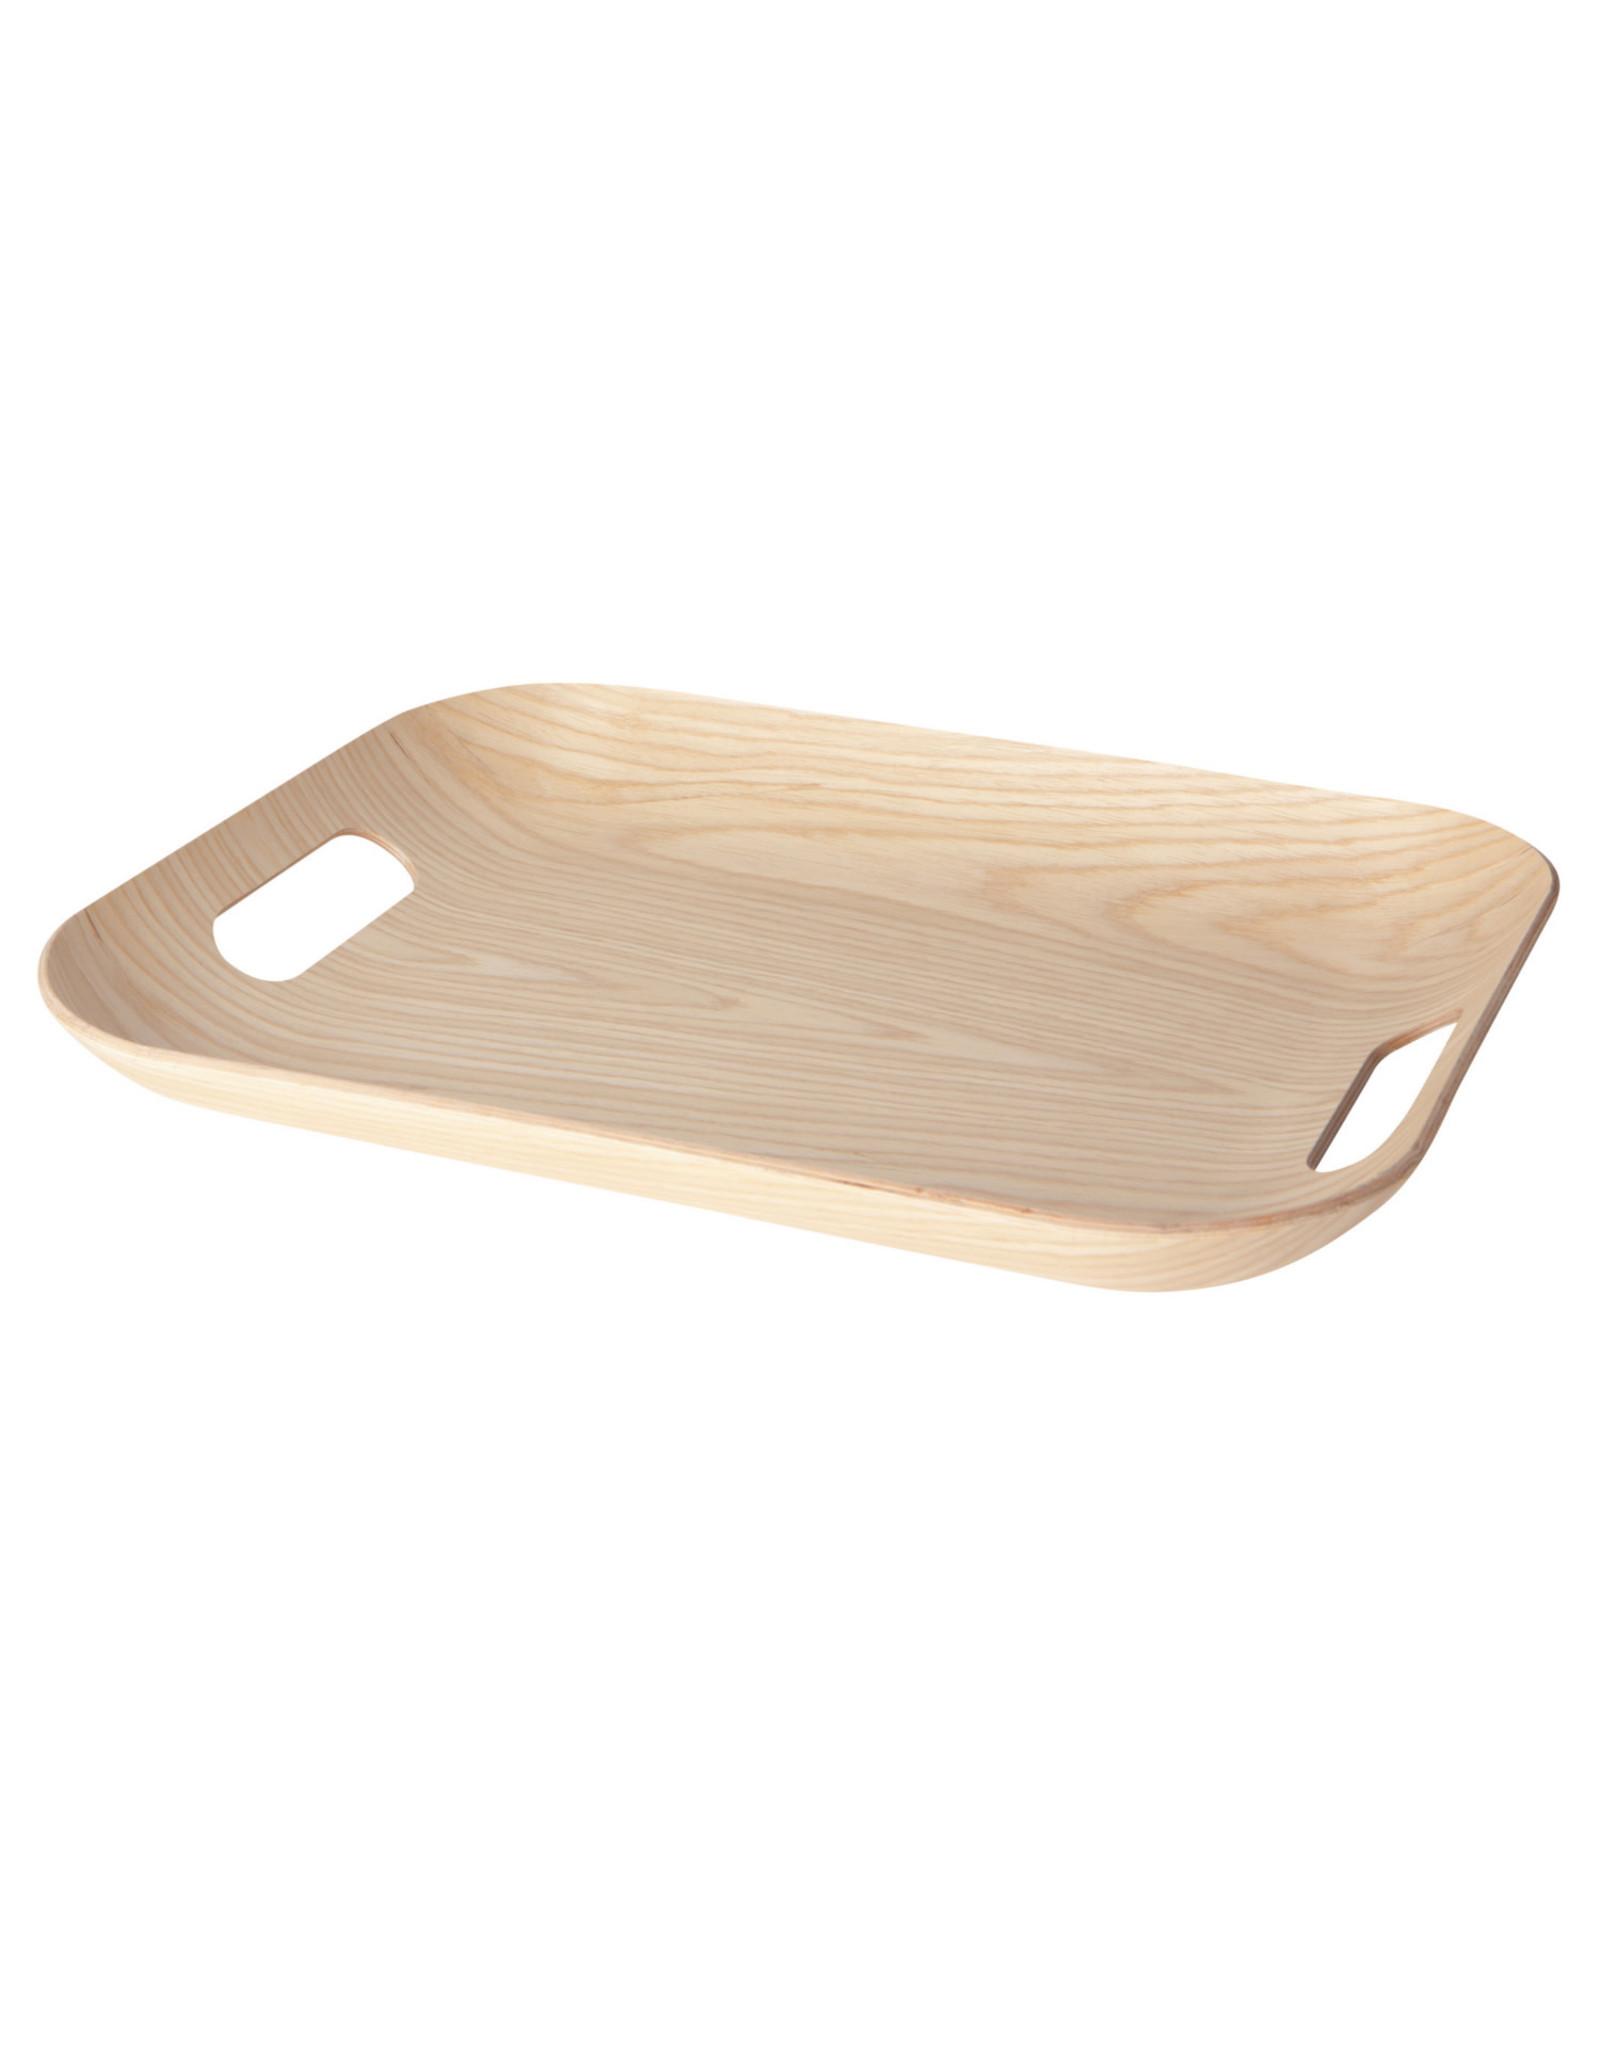 Danica White Oak Form Tray